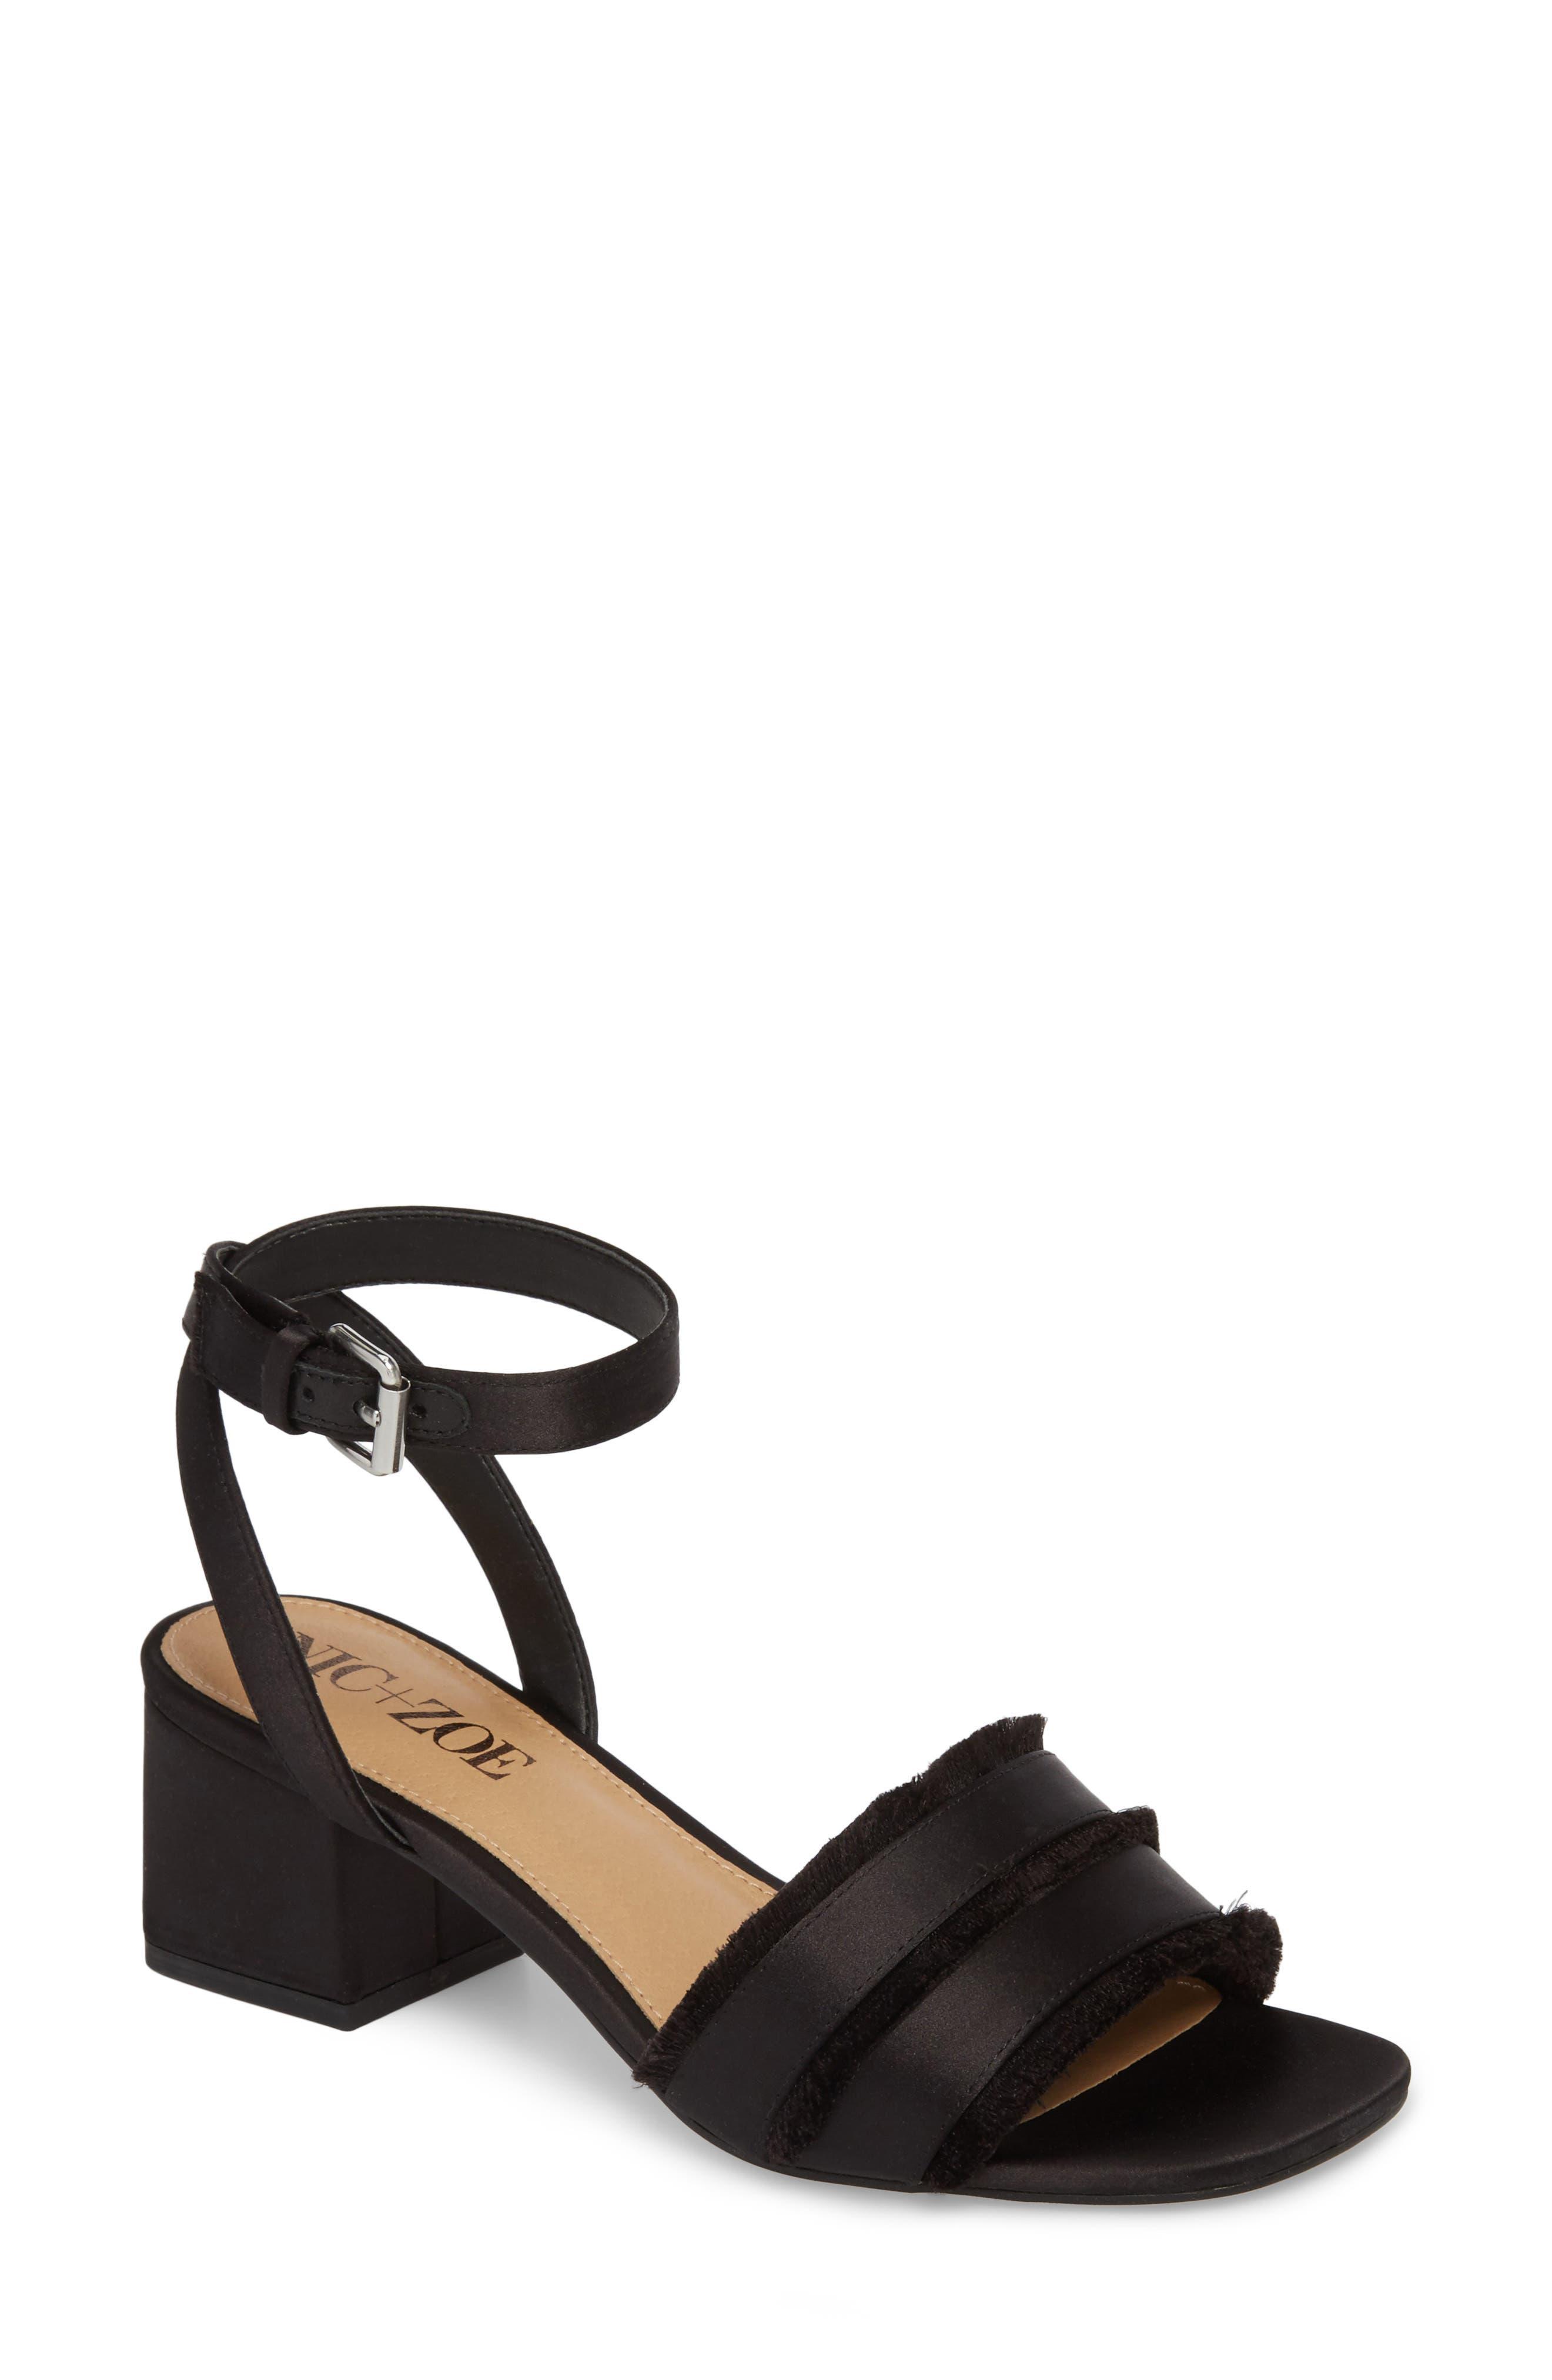 Zaria Fringed Sandal,                             Main thumbnail 1, color,                             BLACK SATIN